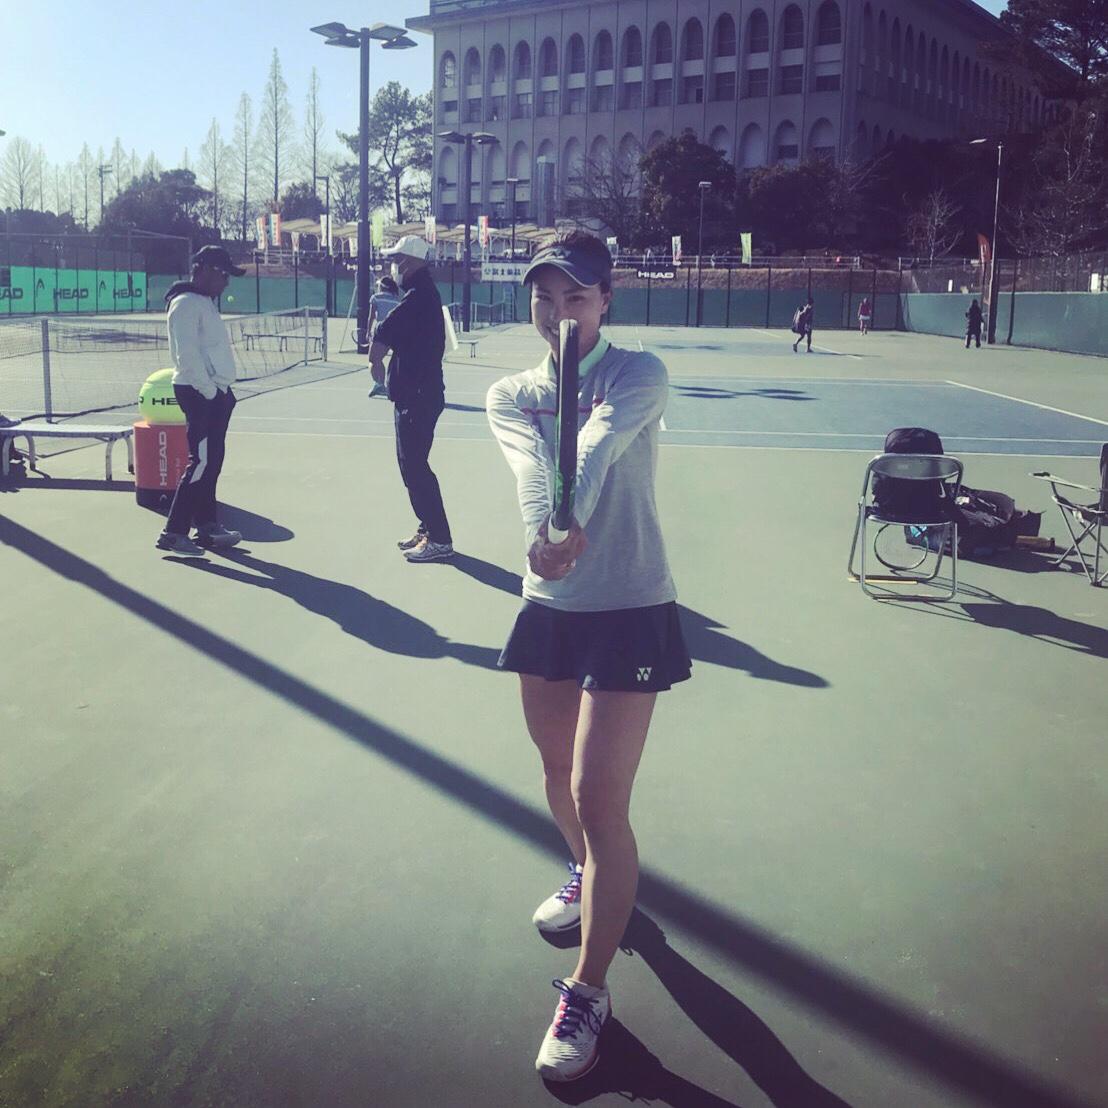 豊田day2【プロテニスプレイヤー井上雅オフィシャルブログ -miyabiemみやびーむ-】